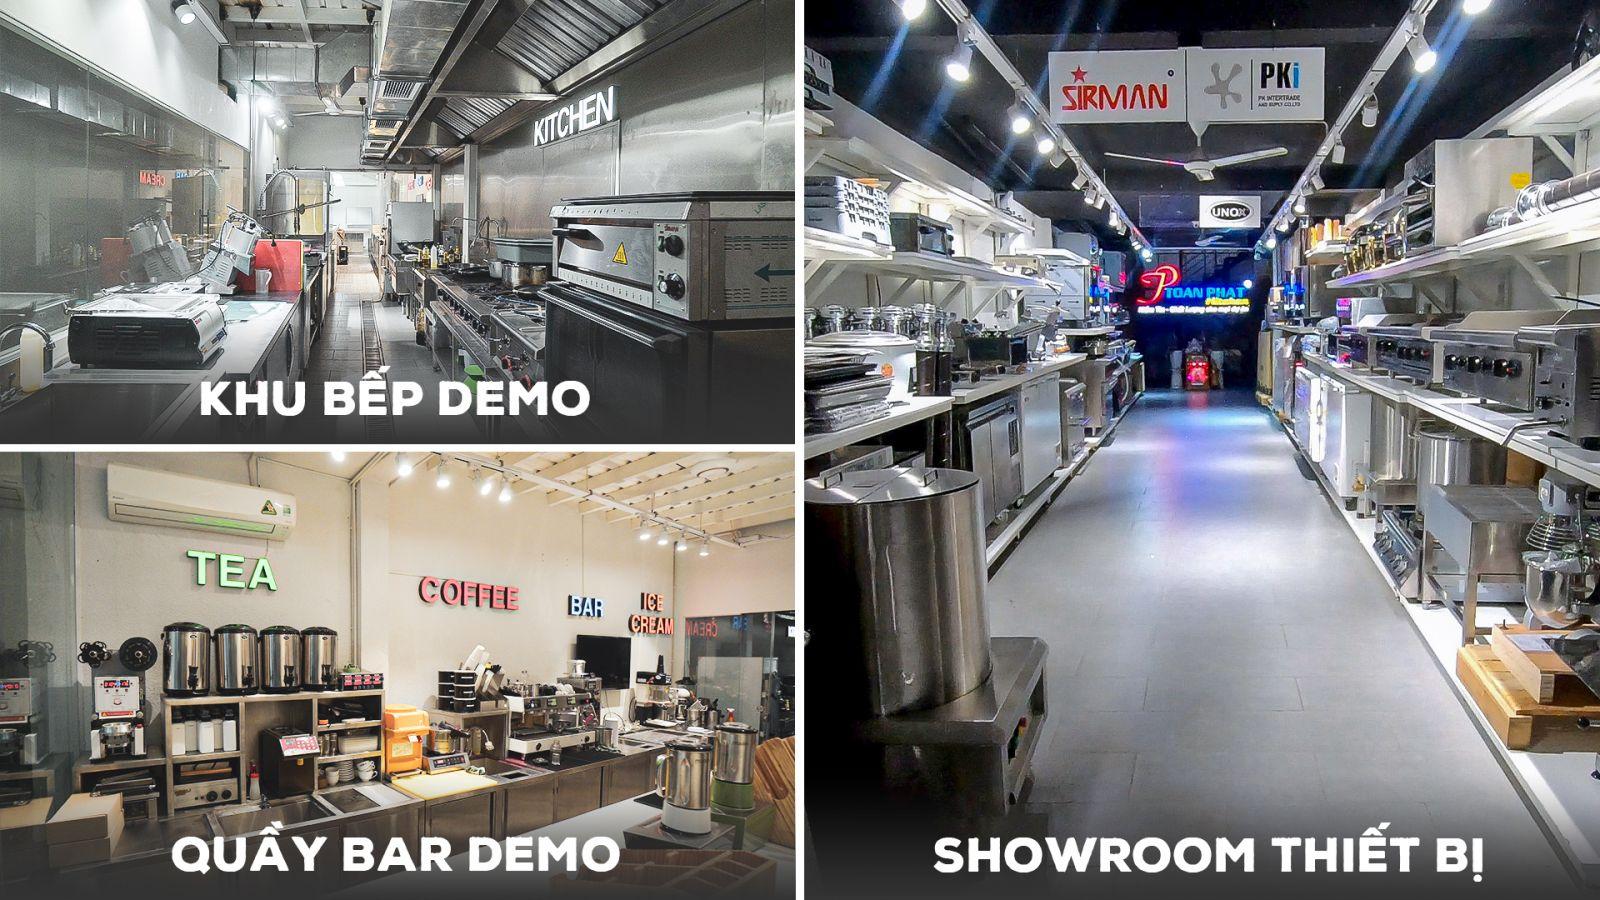 showroom thiết bị bếp công nghiệp toàn phát